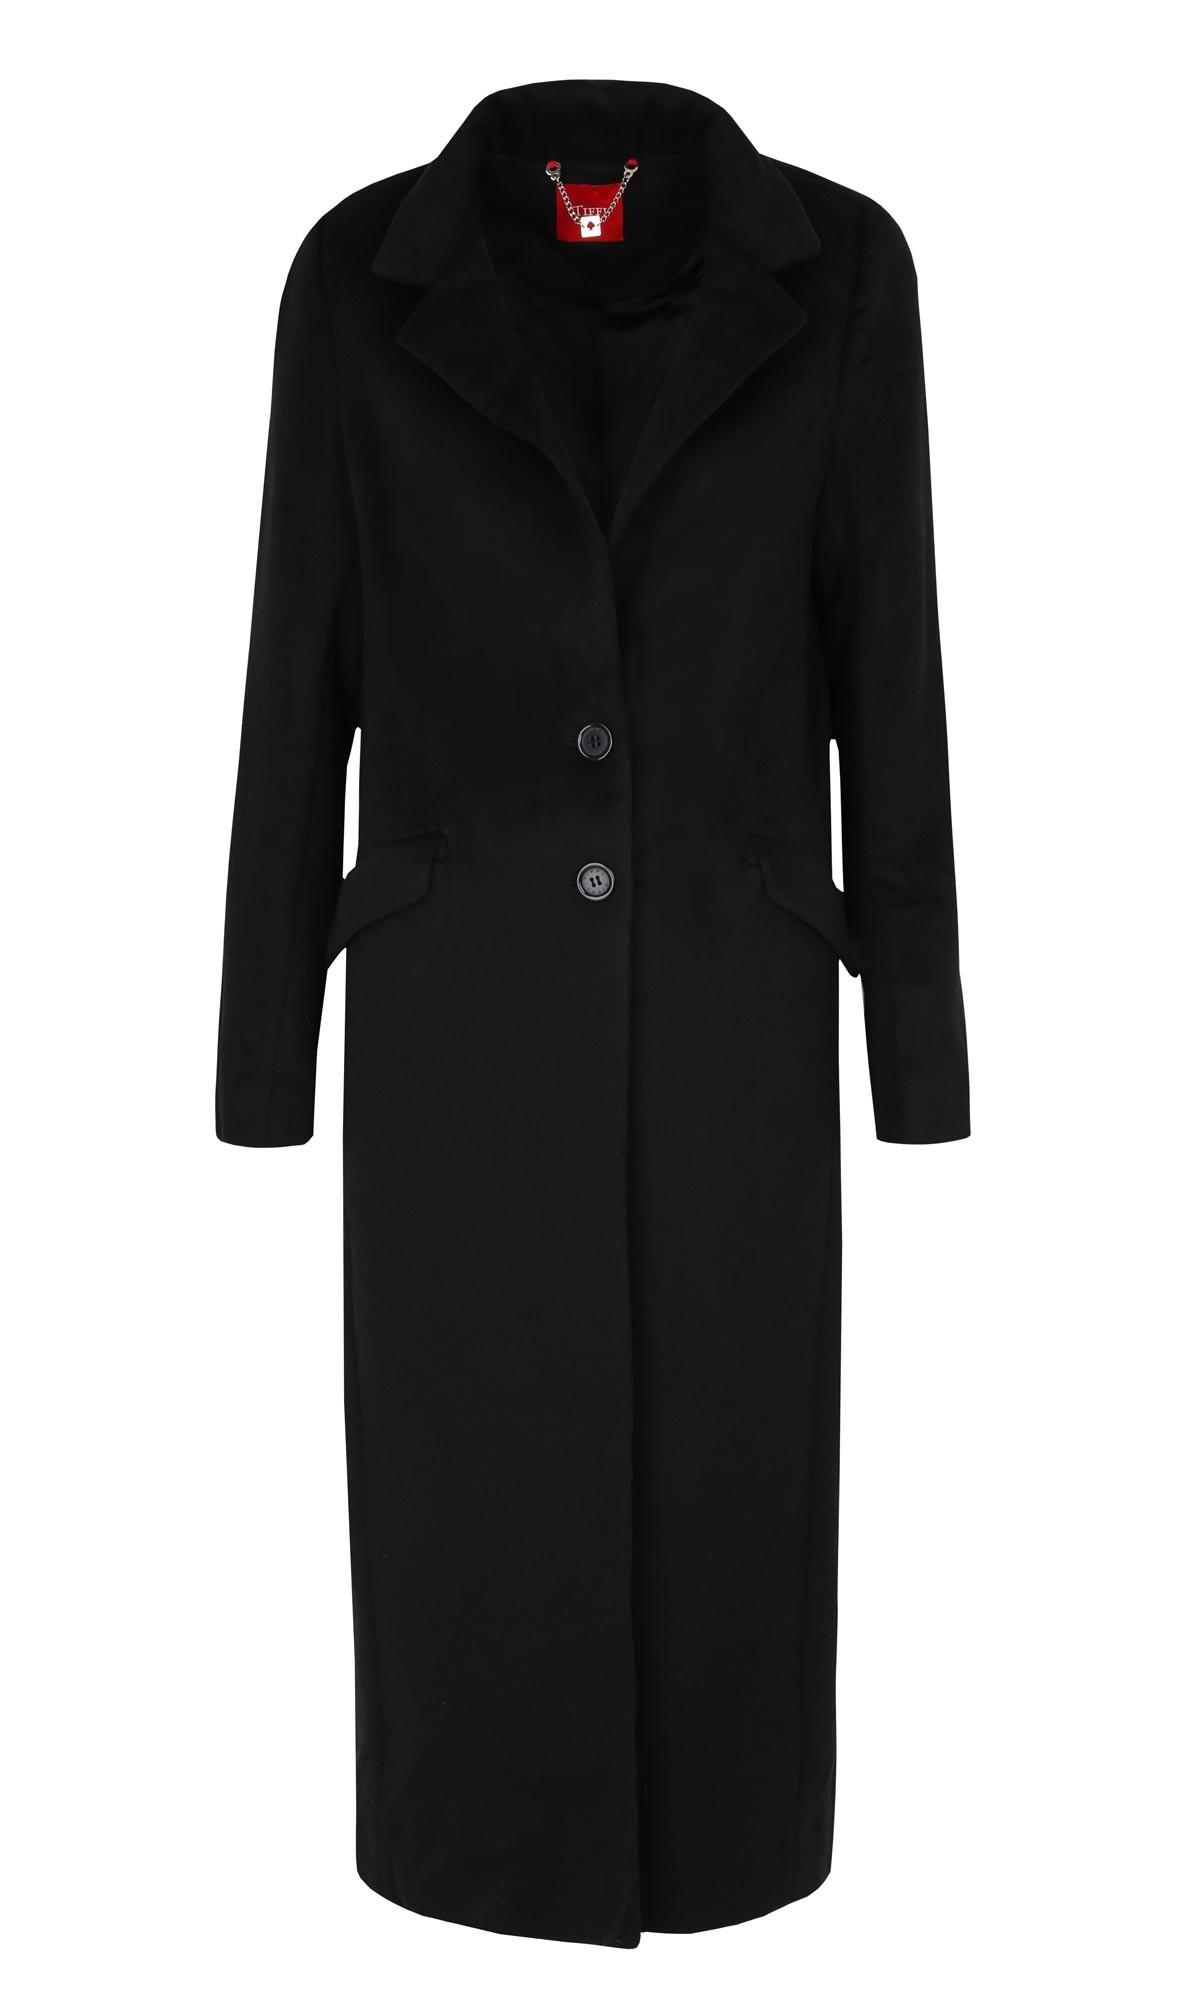 Eleganckie długie płaszcze zimowe damskie Kurtki i